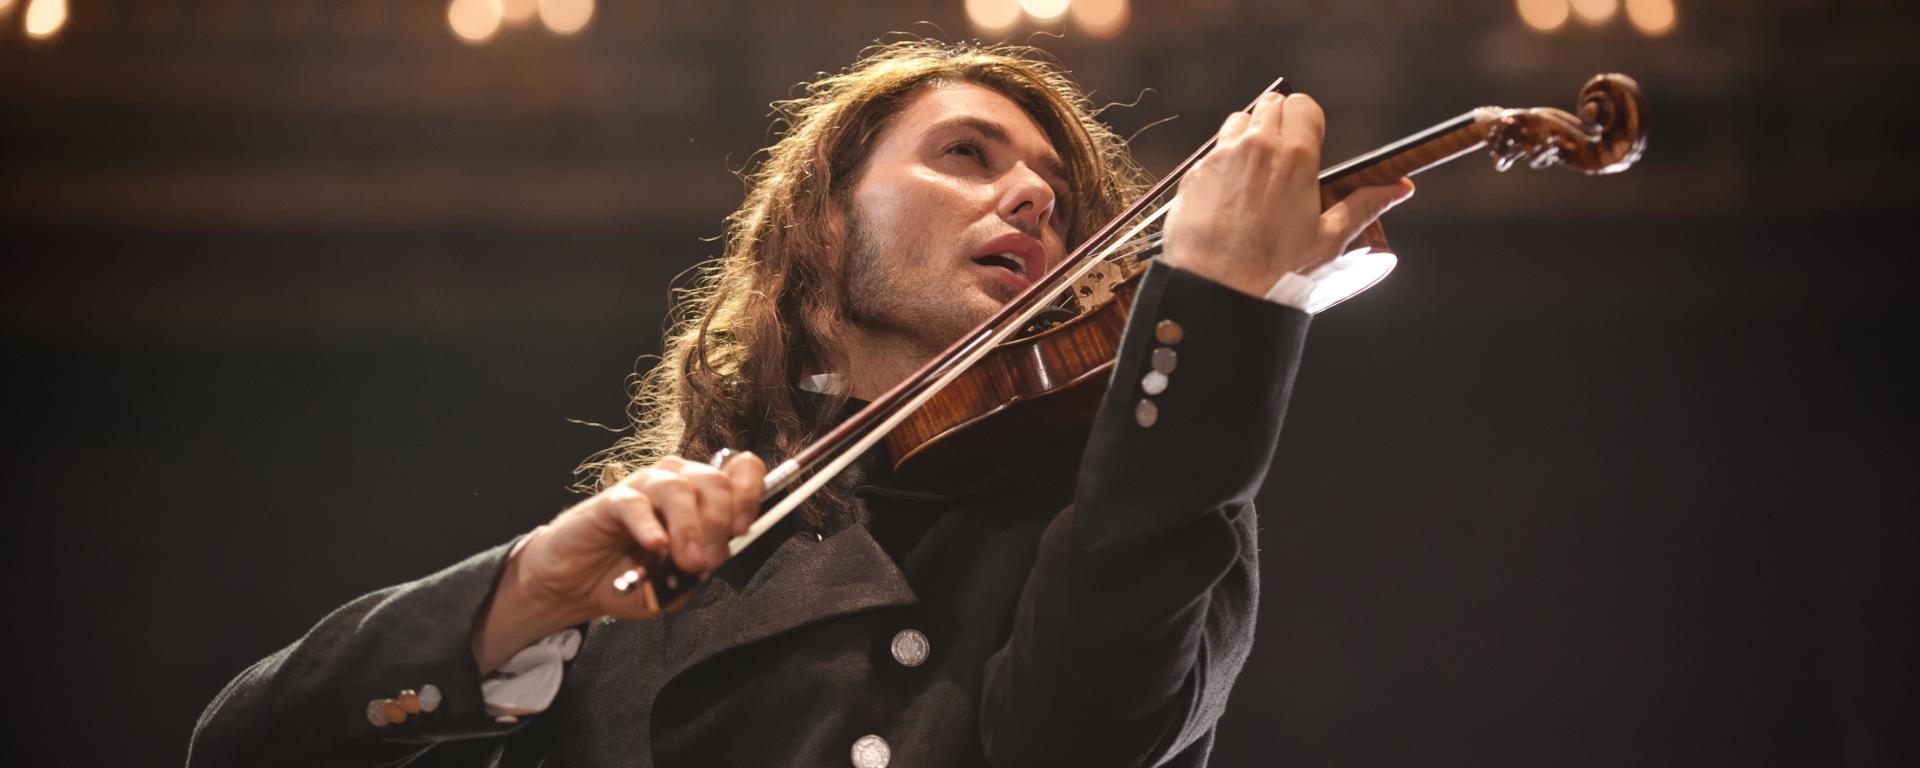 Il violinista del diavolo - CineFatti